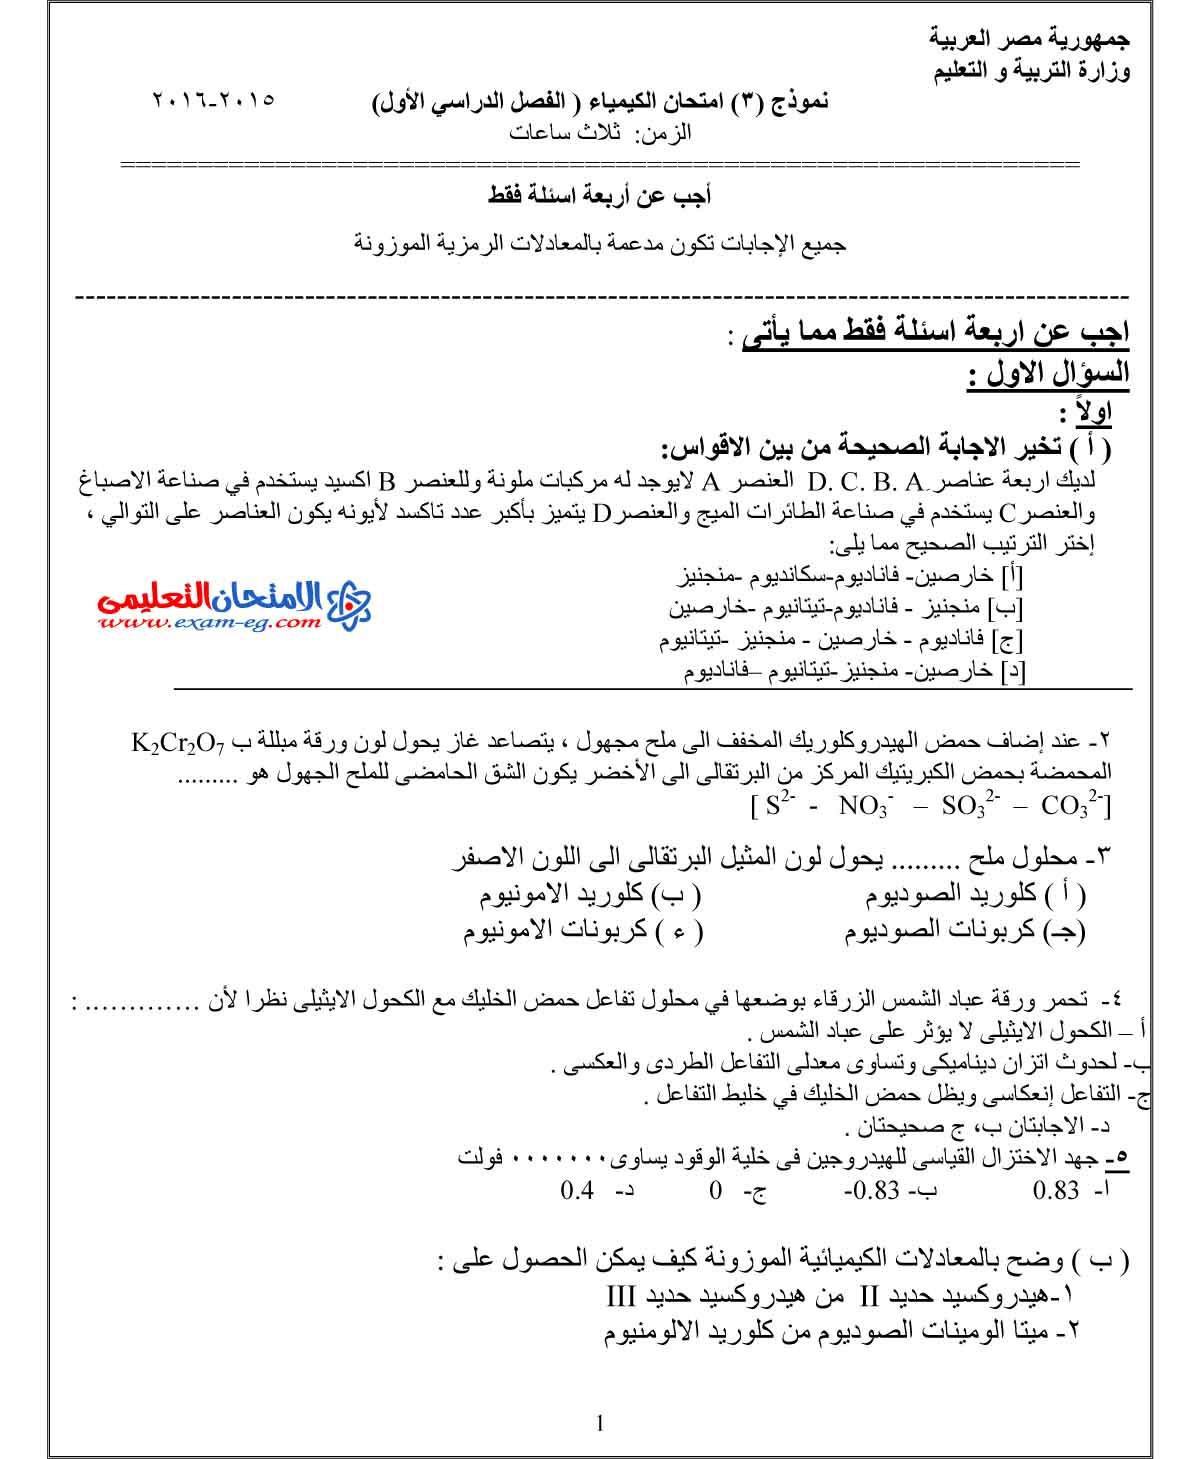 امتحان الكيمياء 3 - الامتحان التعليمى-1